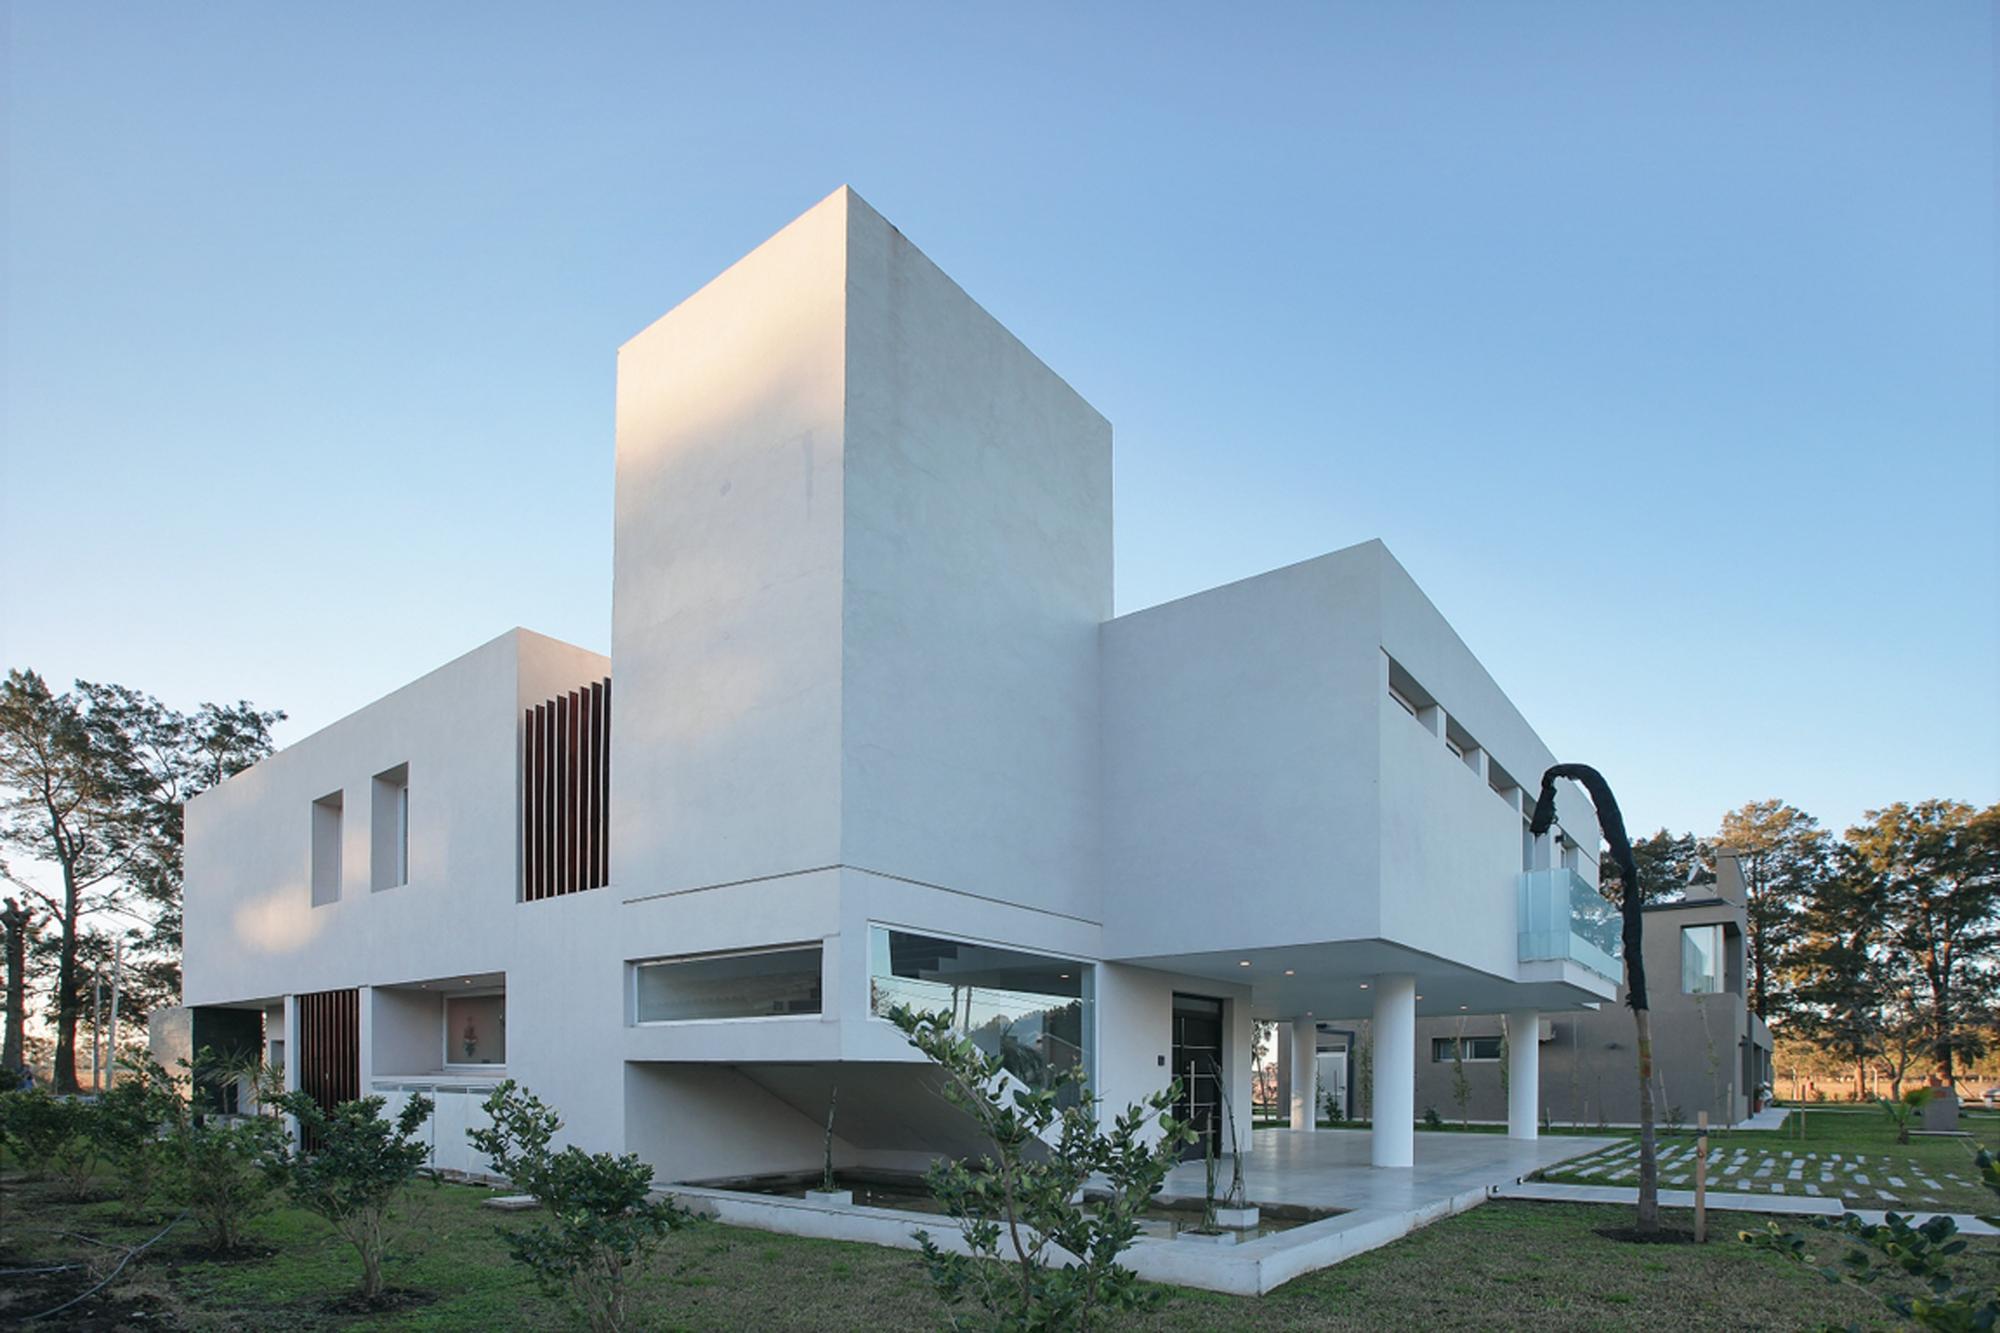 Galeria de casa ra pablo anzilutti 4 for Home gateway architecture